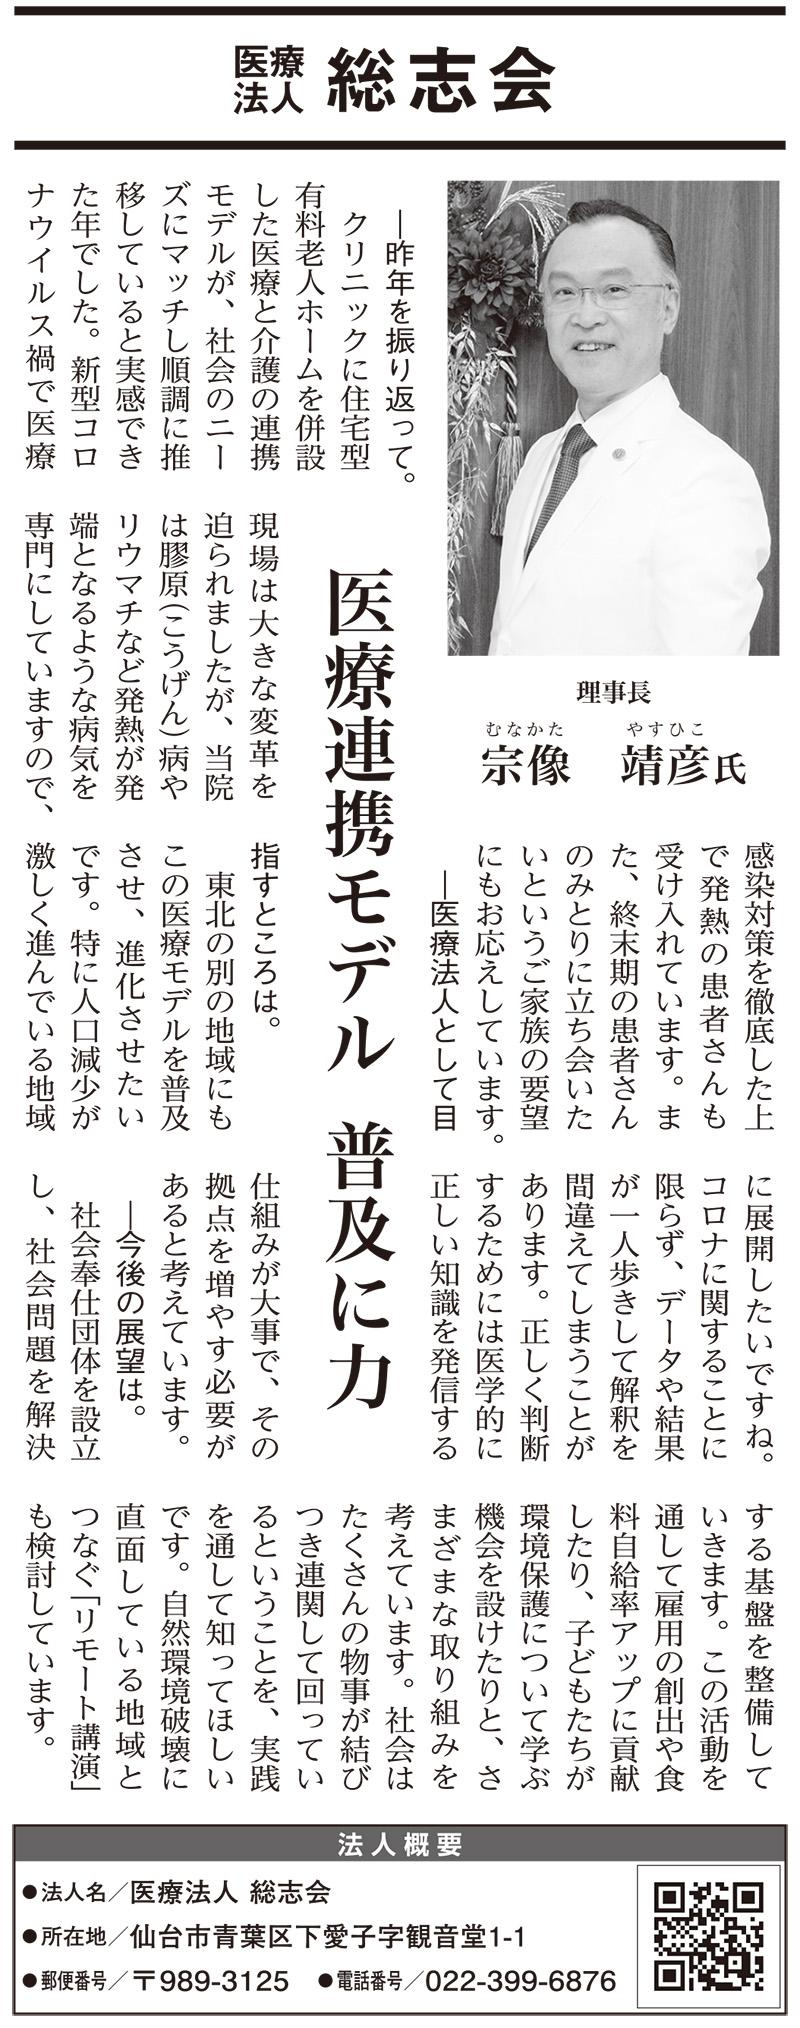 河北新報「新春トップインタビュー」